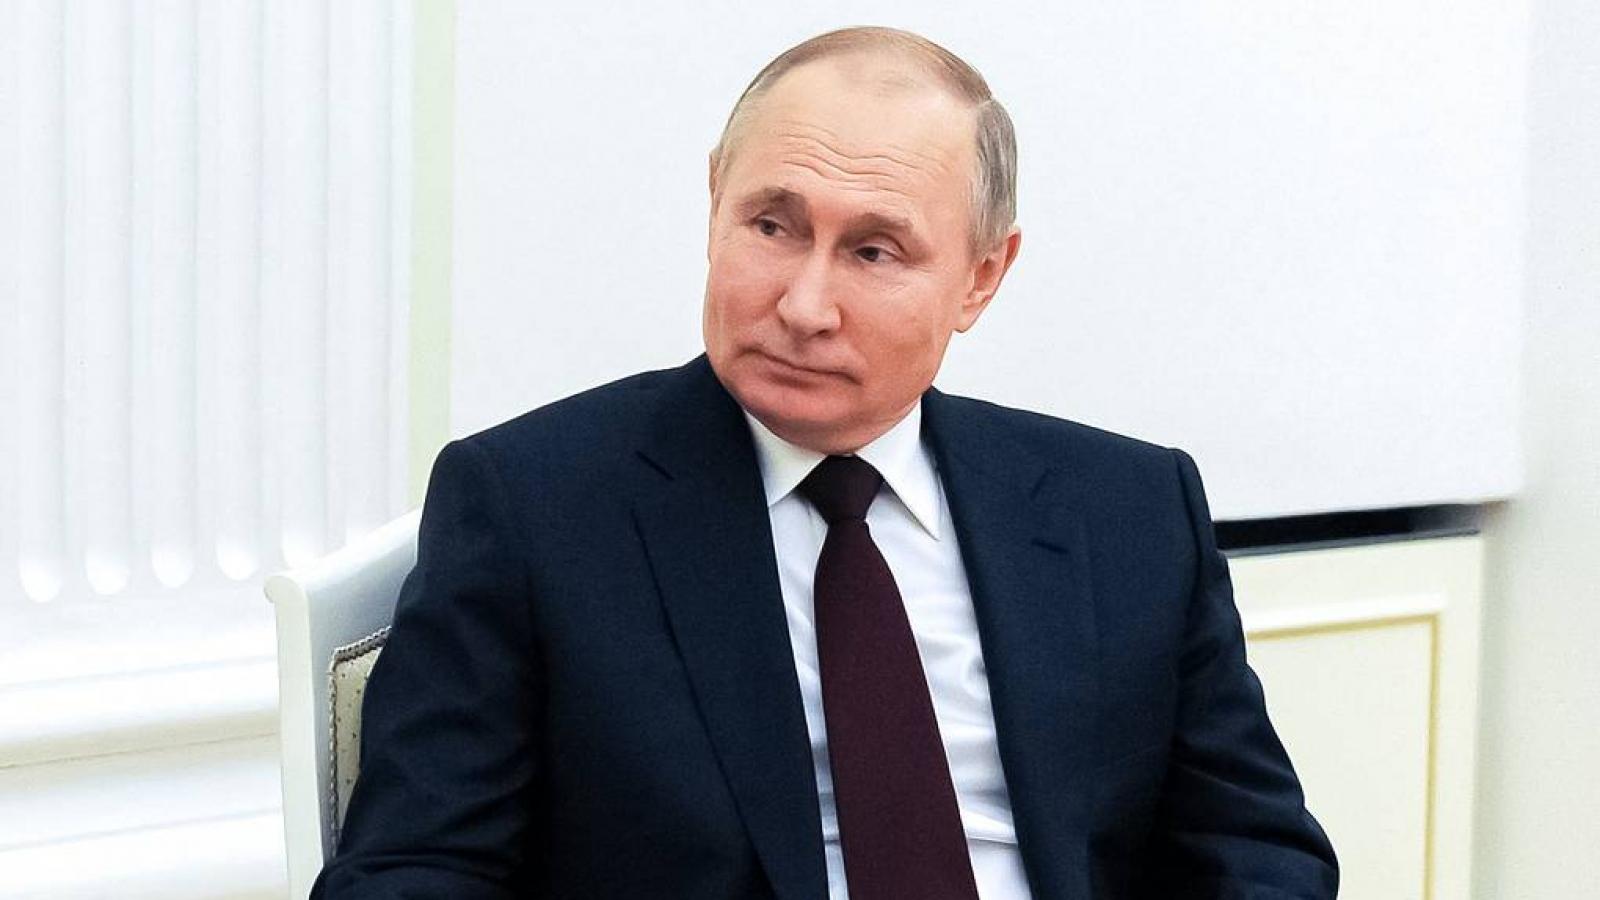 Nga tuyên bố sẵn sàng thảo luận với Ukrainevề quan hệ song phương tại Moscow